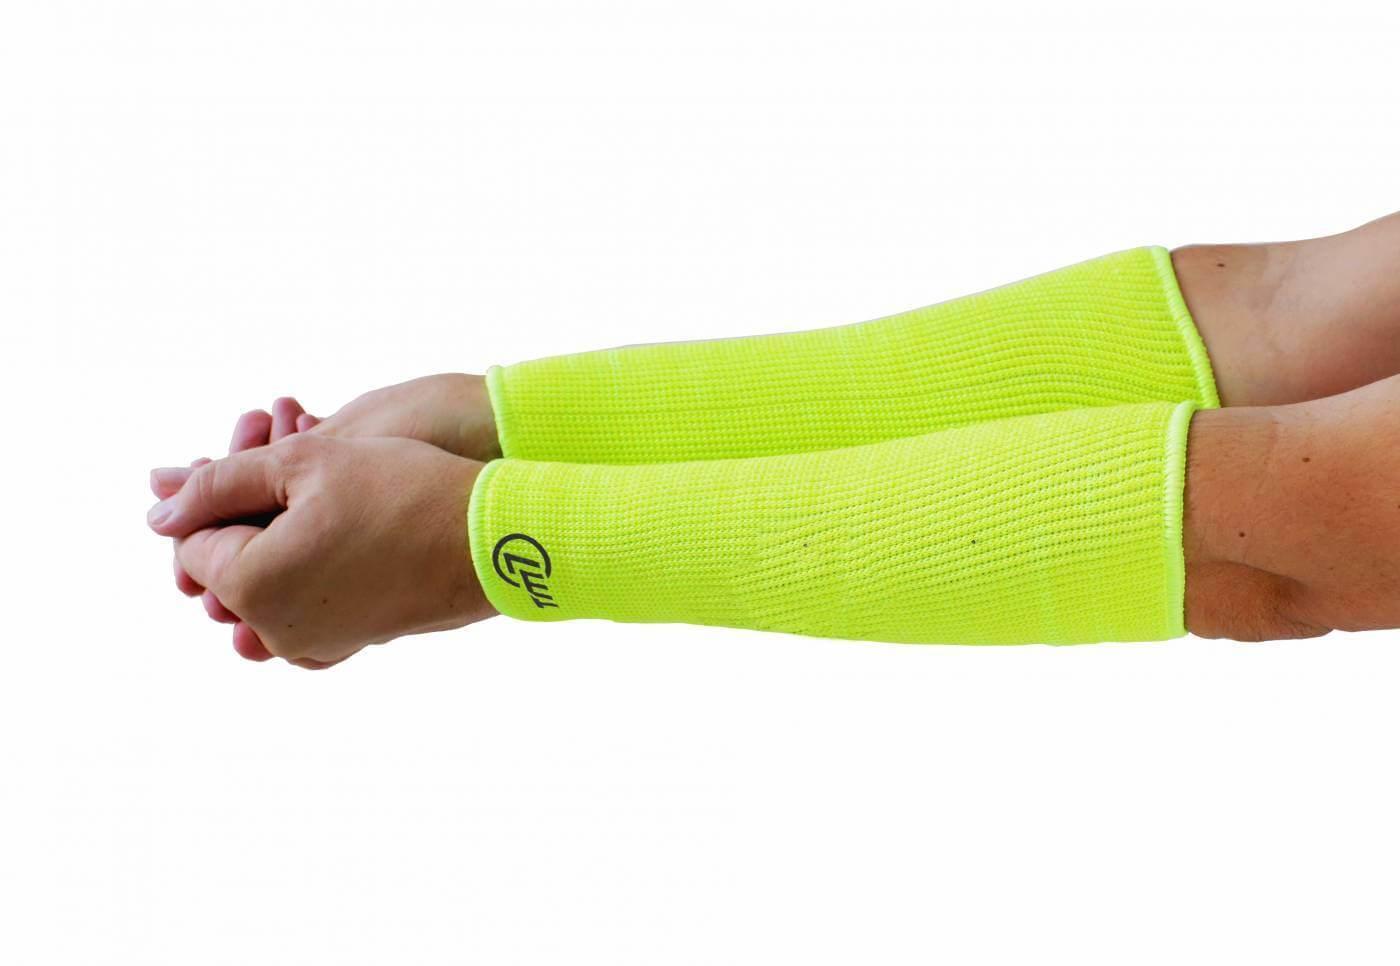 Manguito para Vôlei Brac Curto TM7 Sports - Amarelo (Marca no punho)